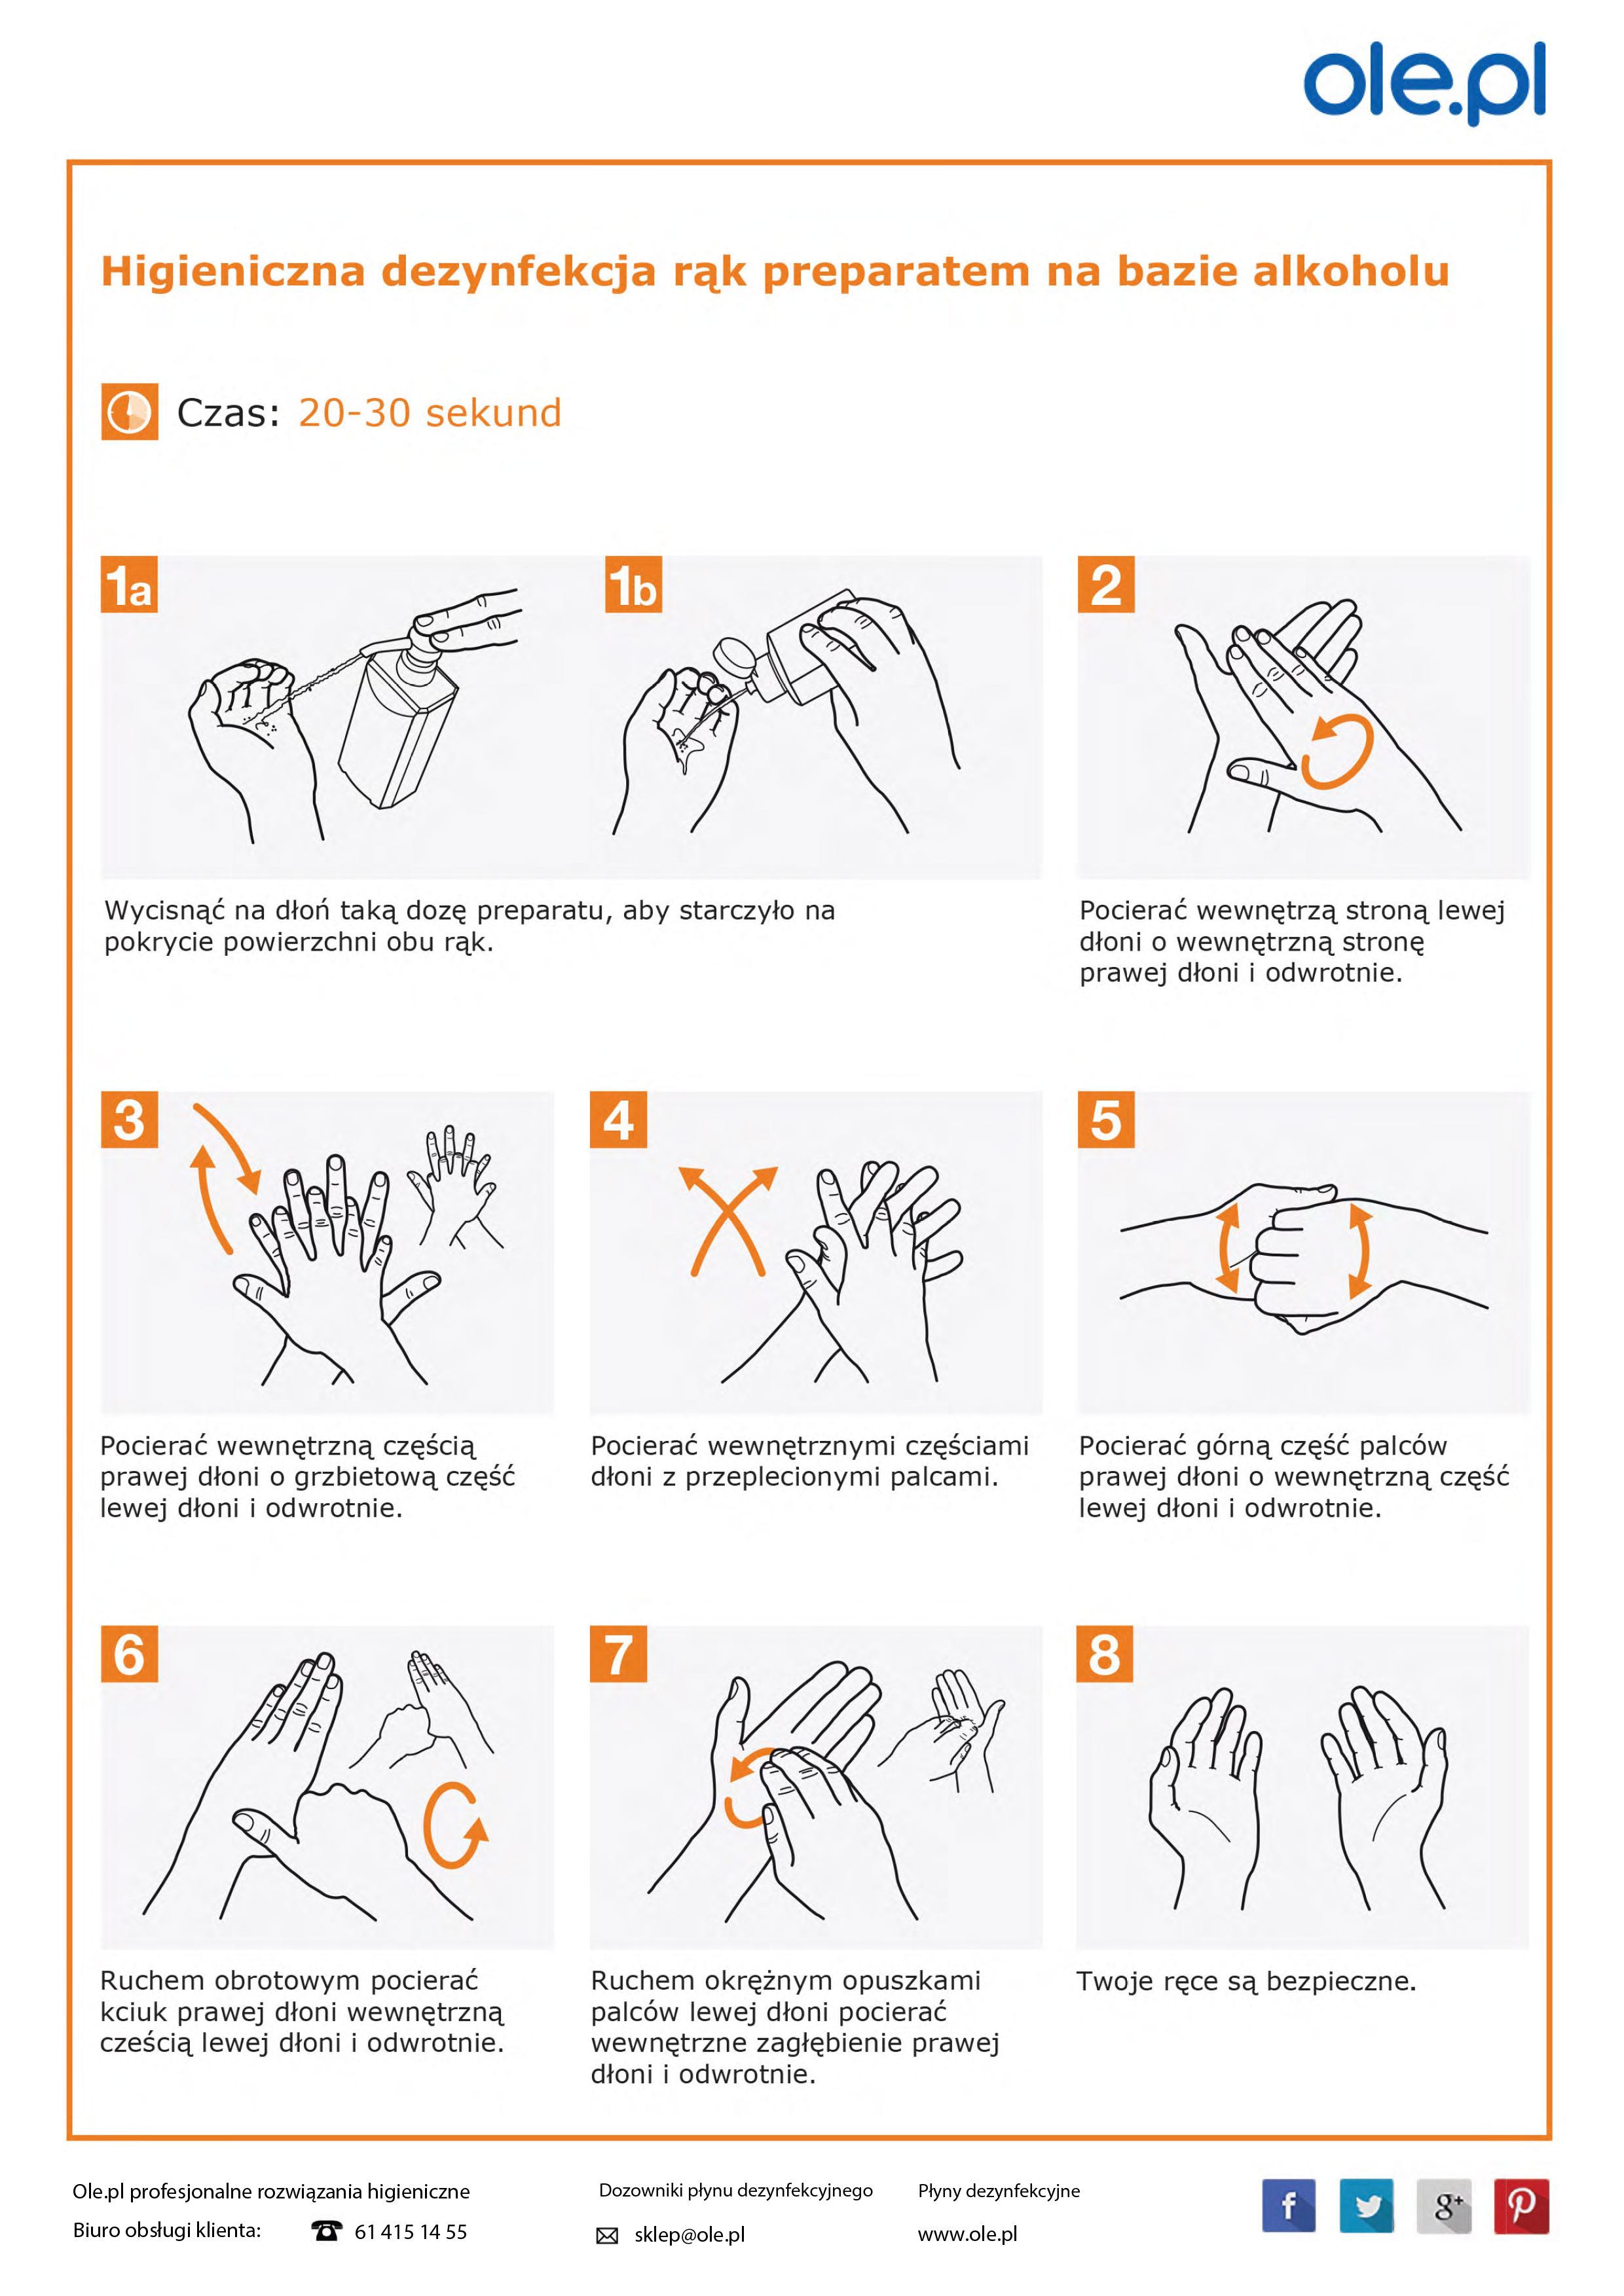 Instrukcja mycia rąk - oświata, handel, zakłady i instytucje